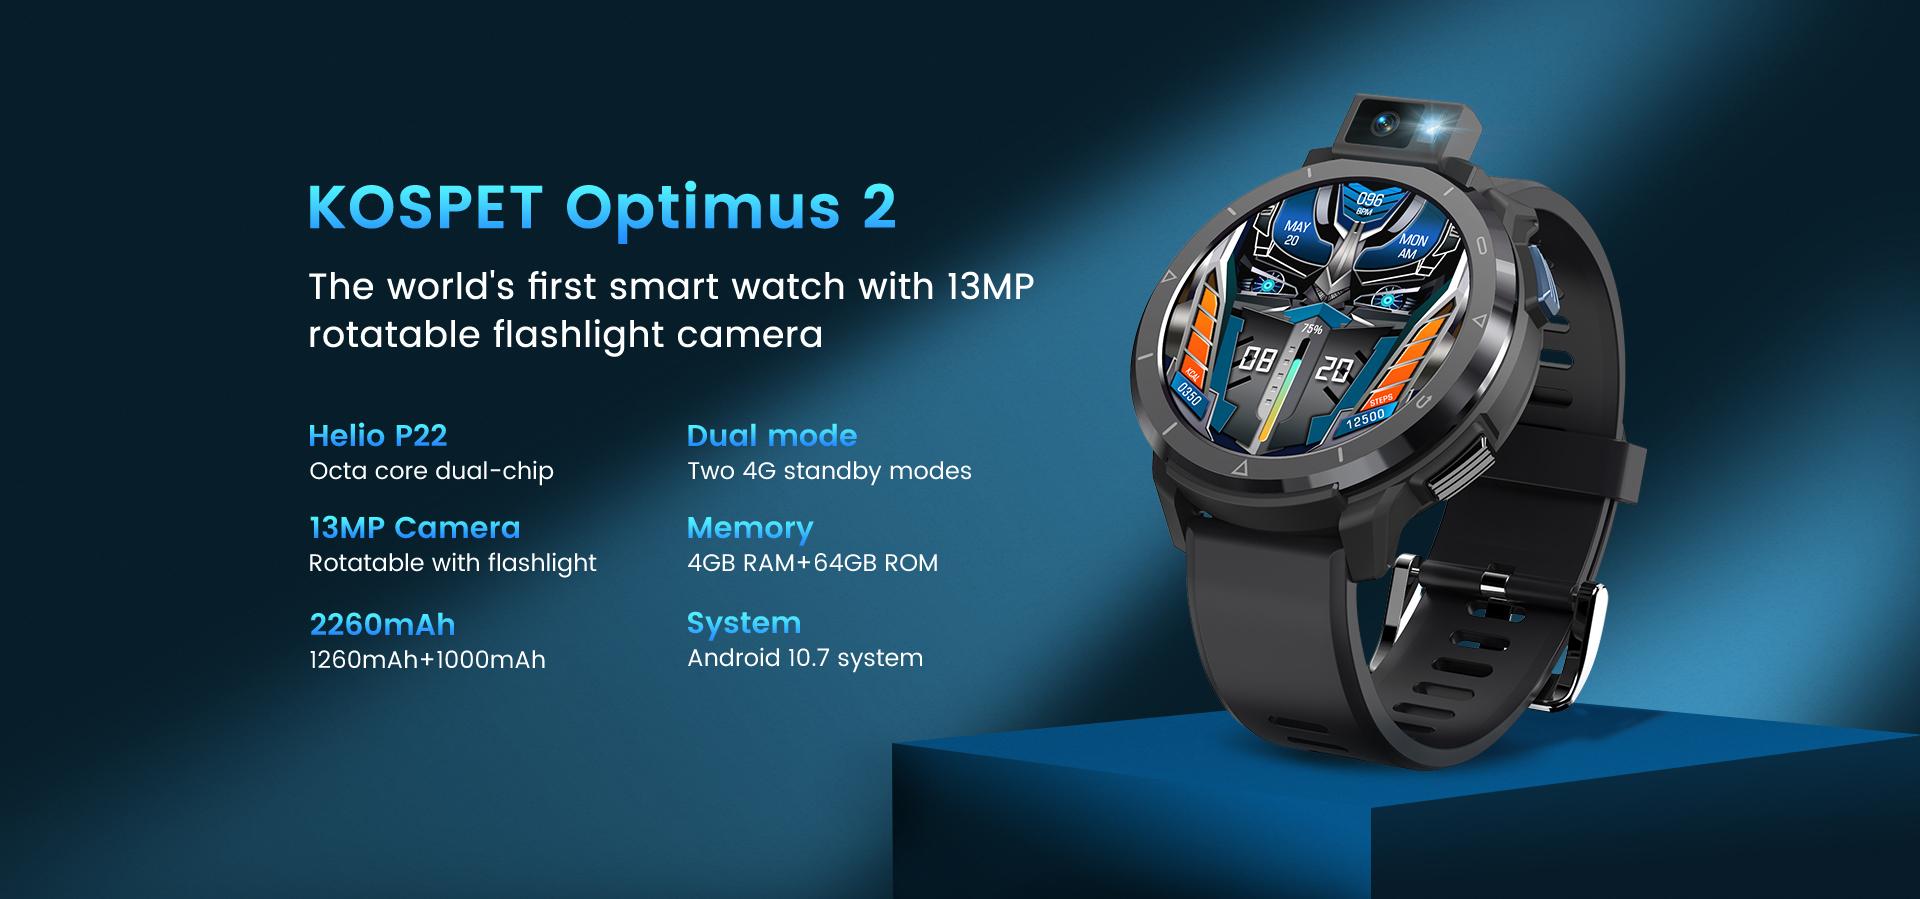 KOSPET OPTIMUS 2 è il nuovo smartwatch con fotocamera rotante 7